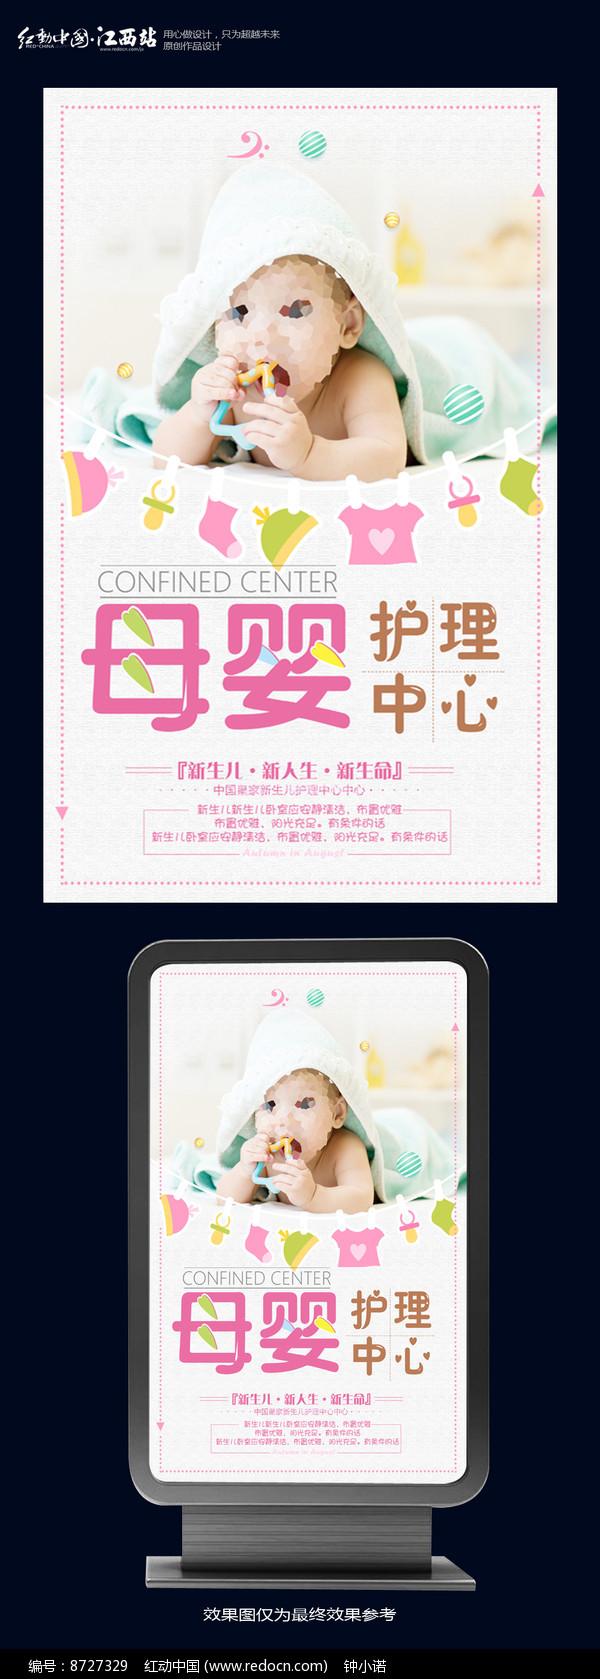 母婴护理中心海报设计